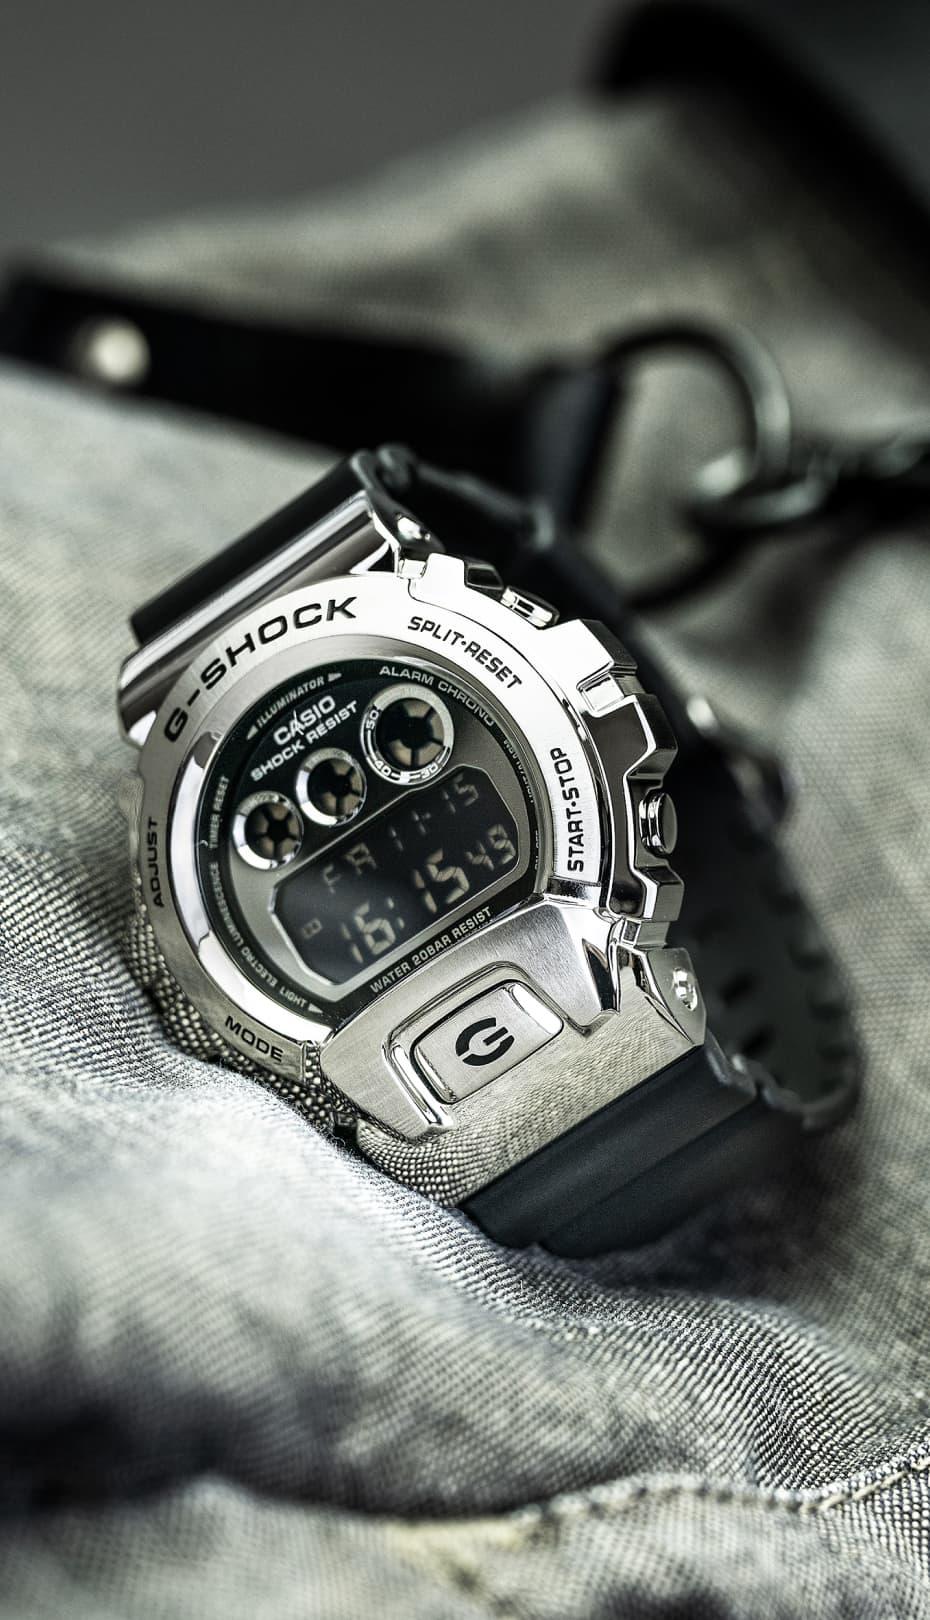 reloj plateado y negro G-shock de CASIO Cronoland